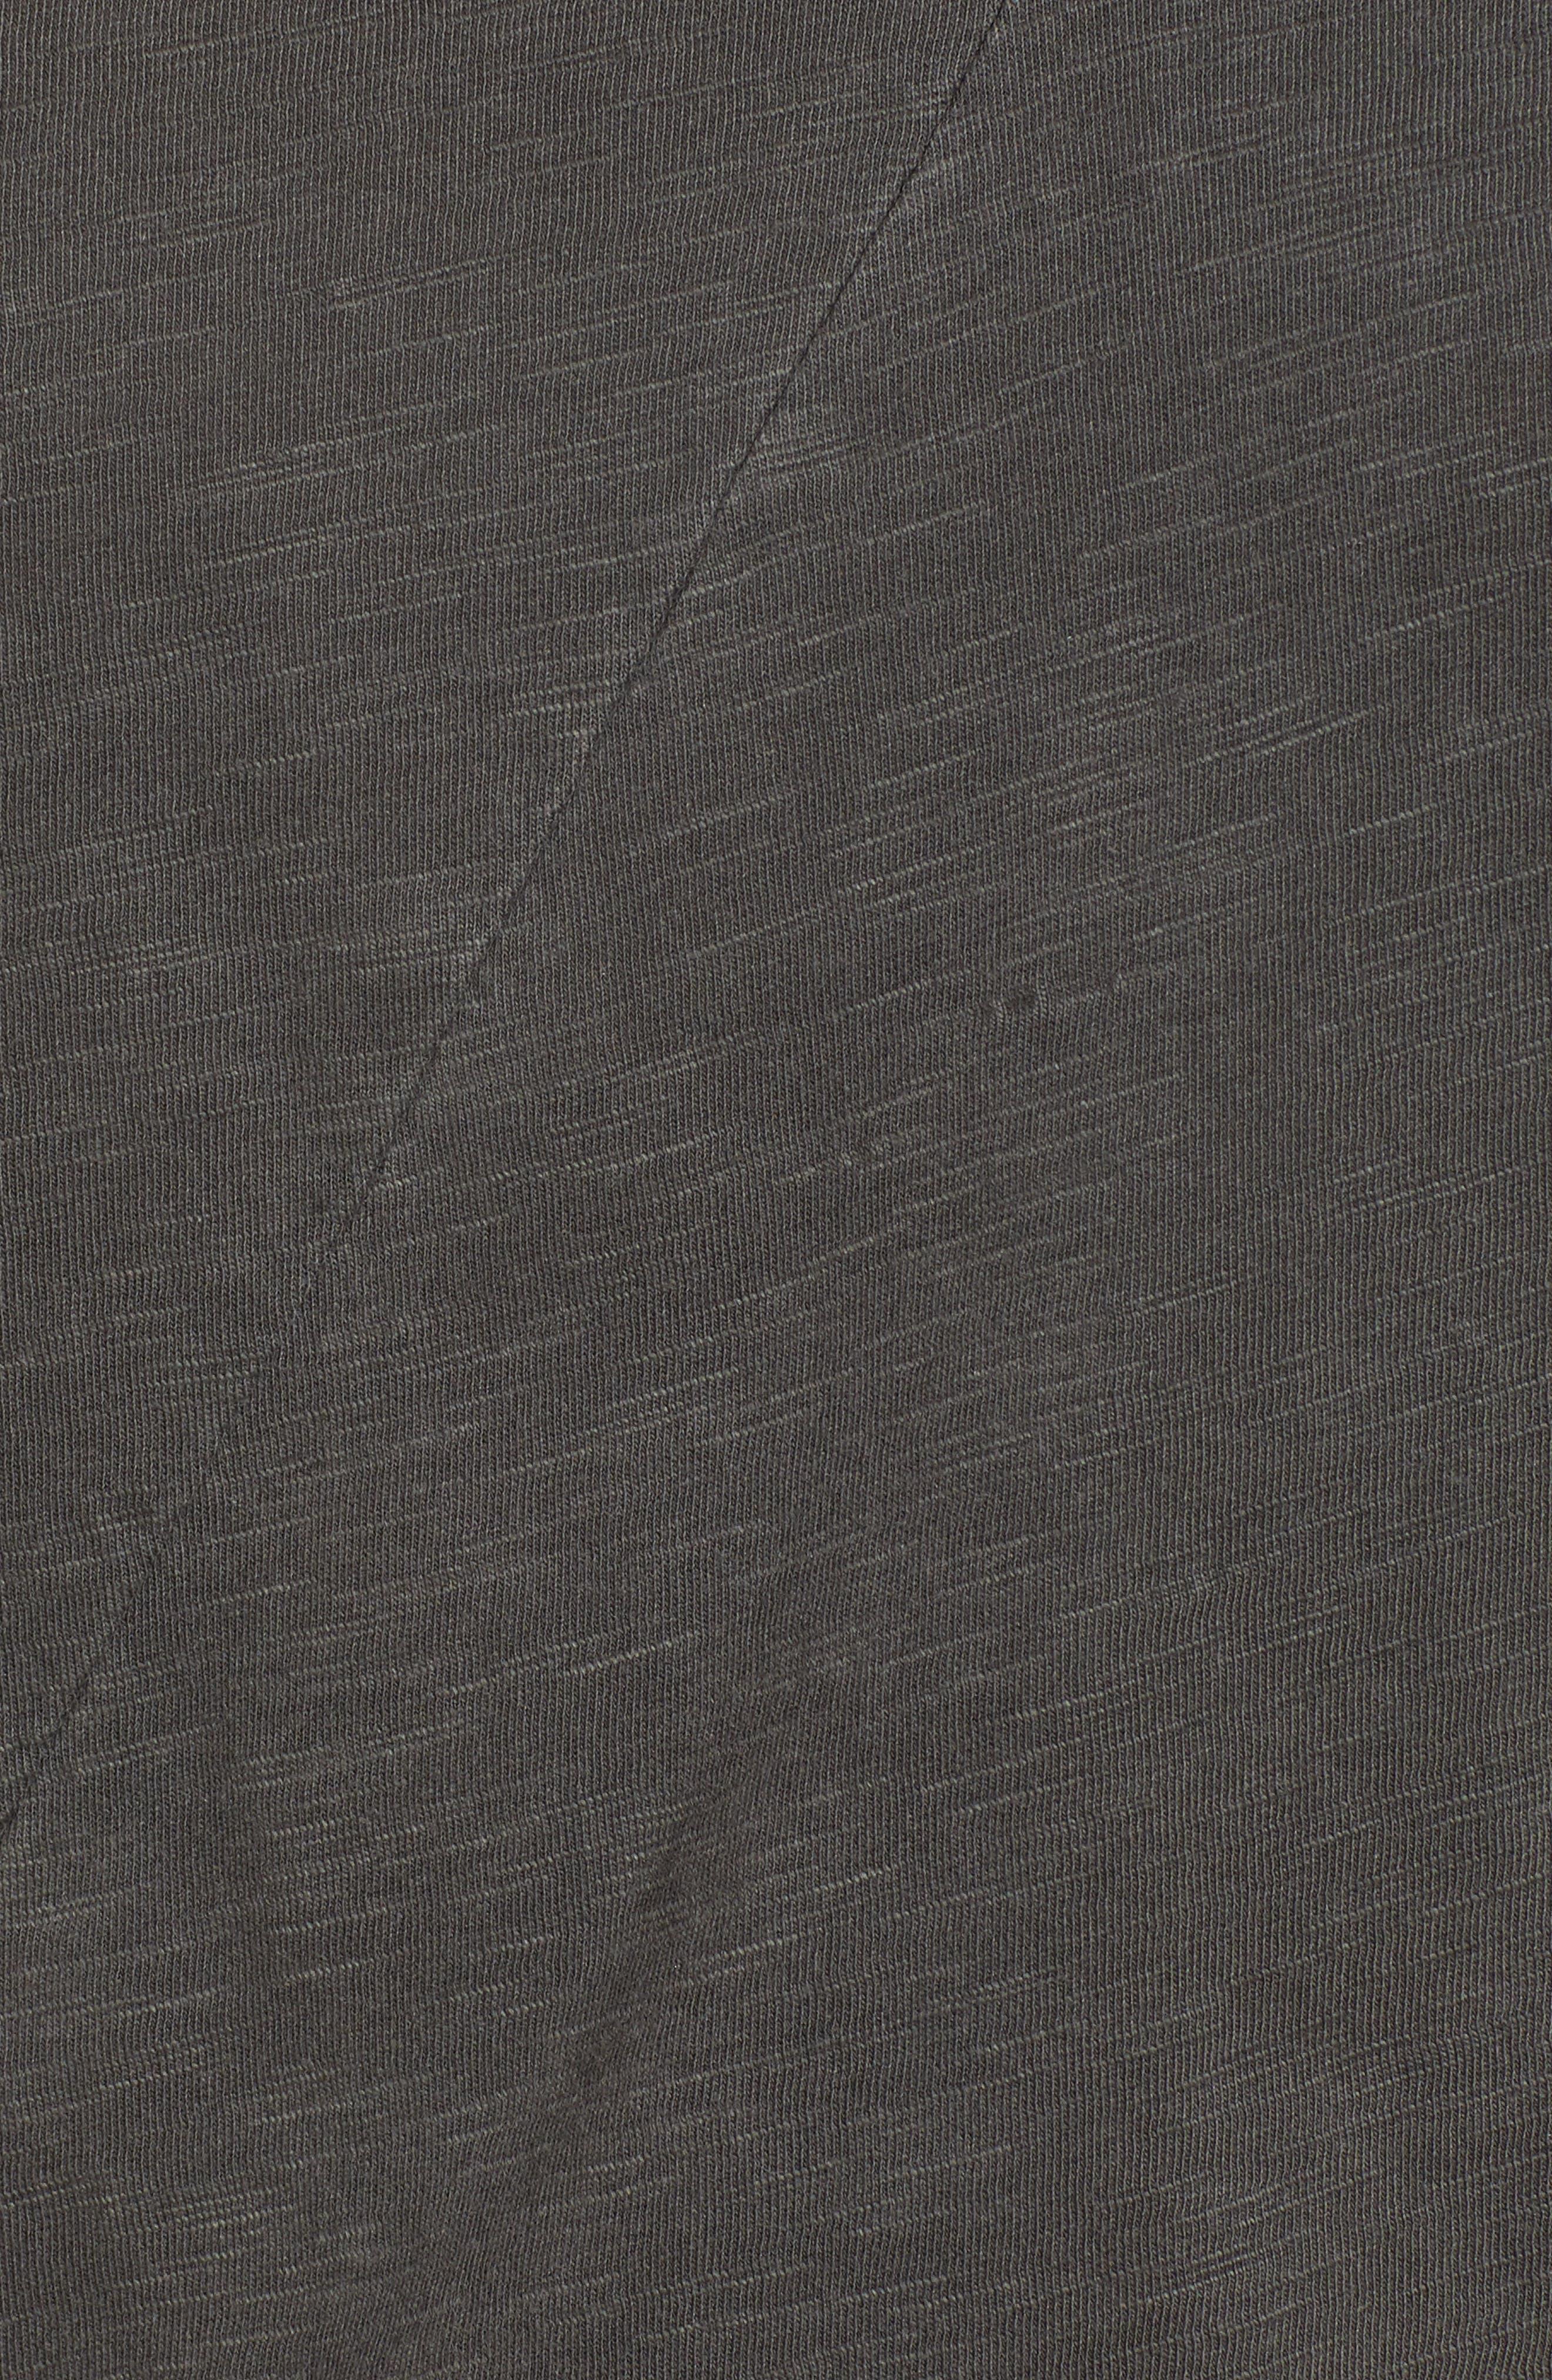 Lace-Up Shoulder Cotton Tee,                             Alternate thumbnail 6, color,                             001